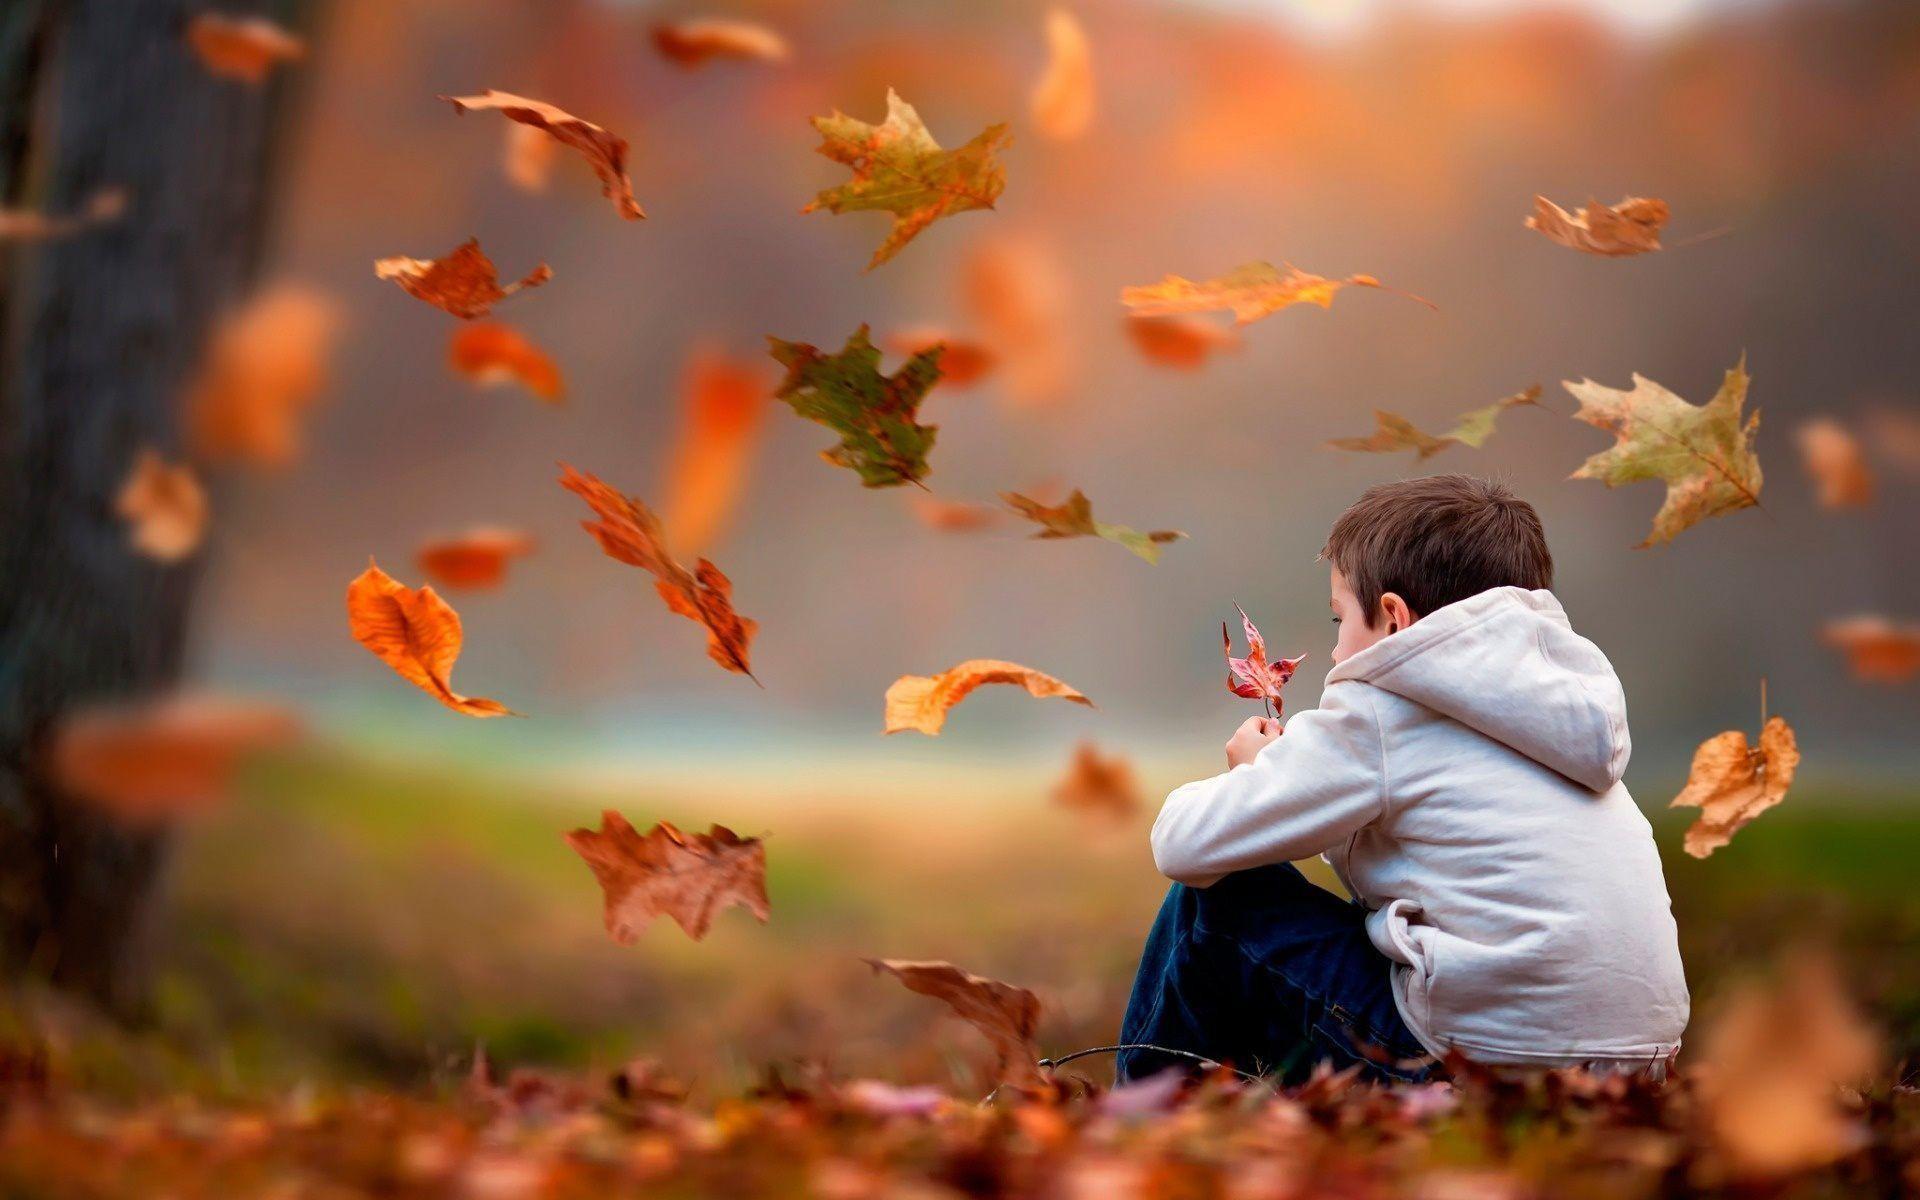 Hình nền cậu nhóc cô đơn ngồi nhặt lá phong mùa thu